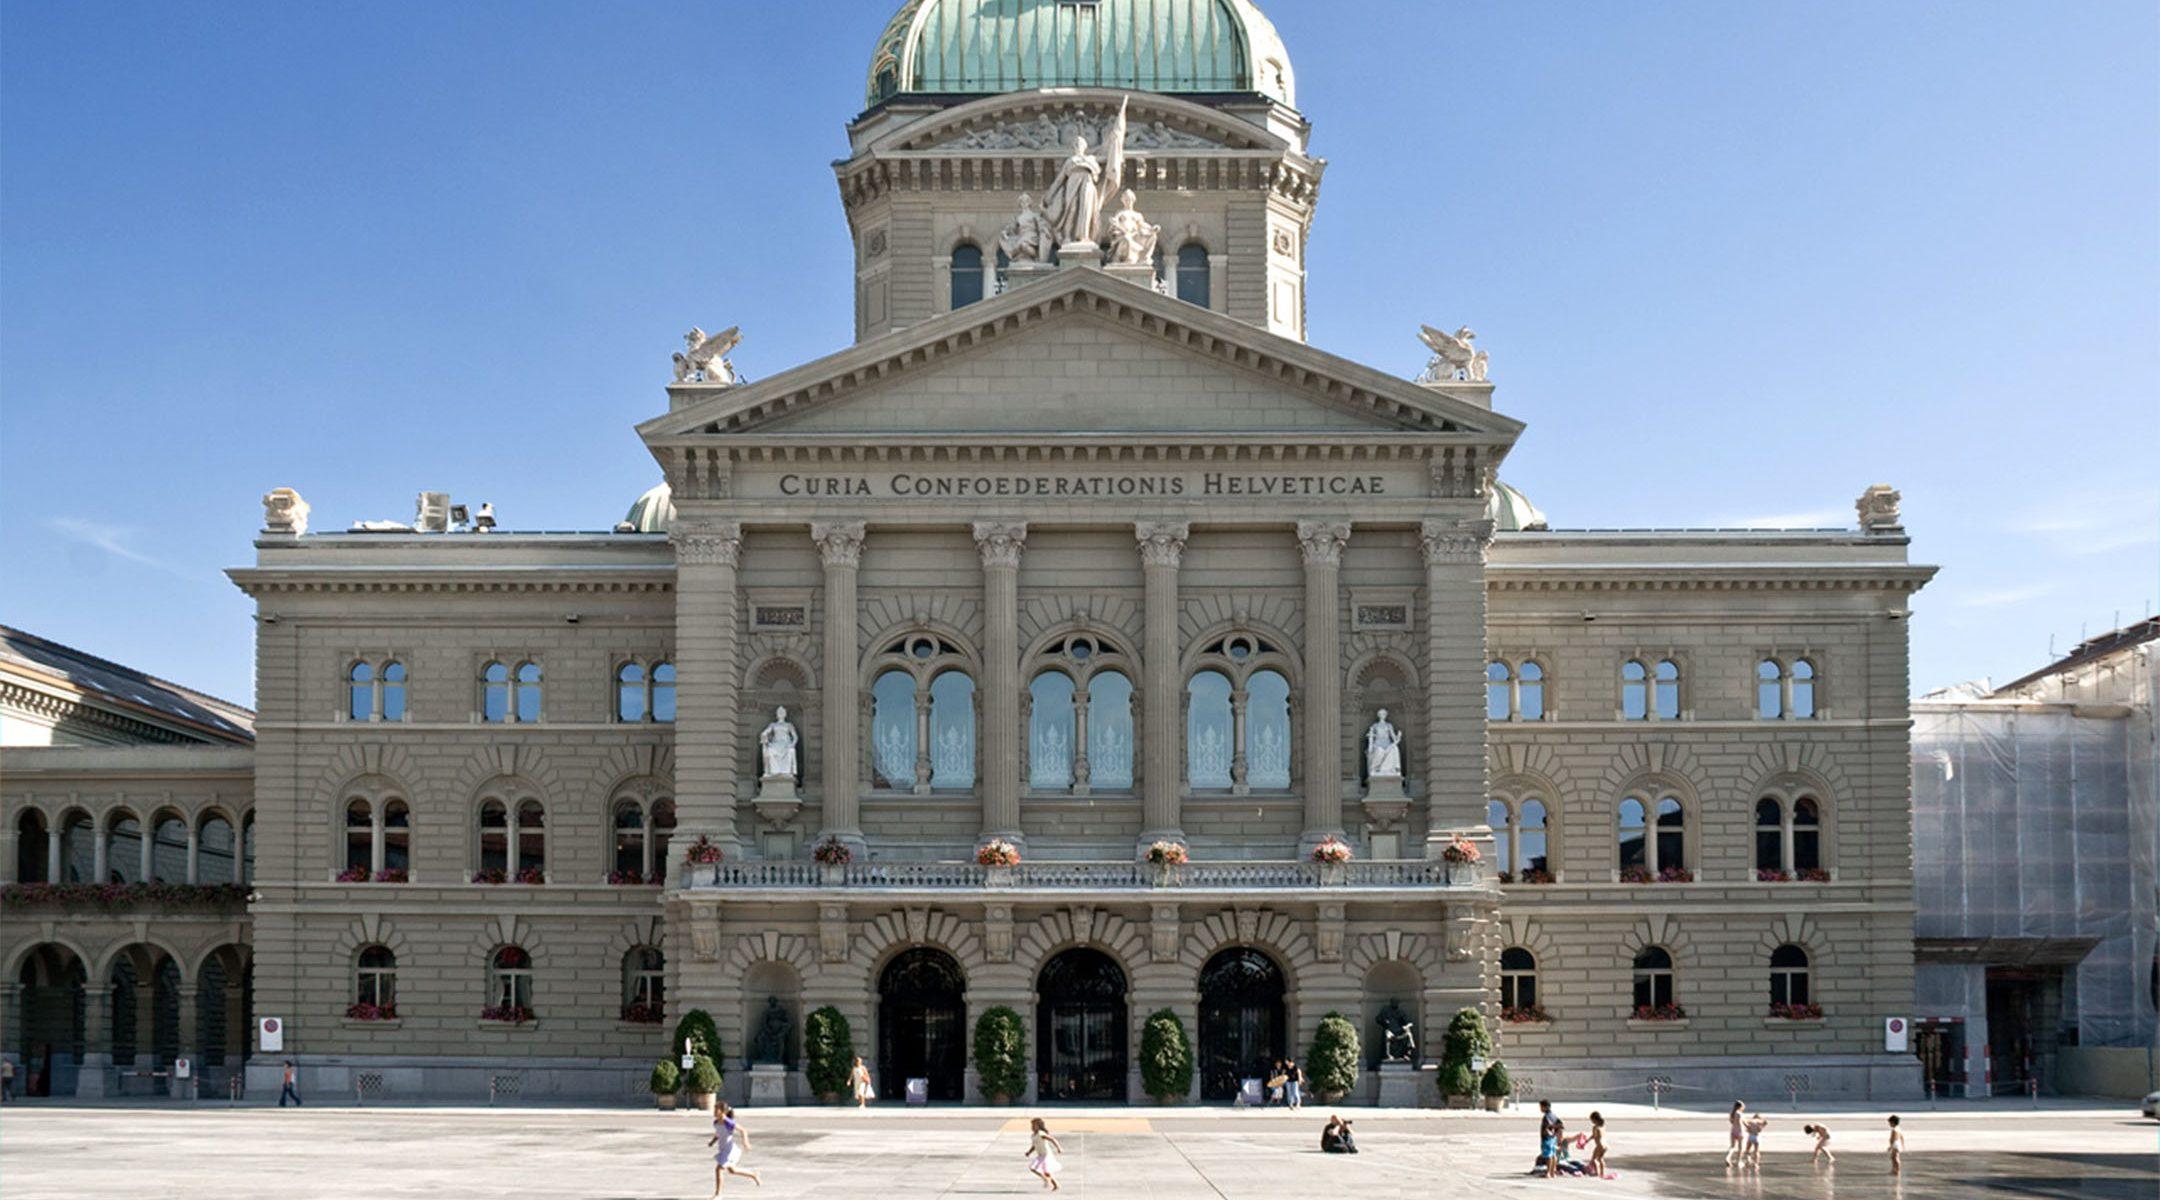 Suiza ha adoptado la definición de antisemitismo de la Alianza Internacional para el Recuerdo del Holocausto, país número 36 en hacerlo